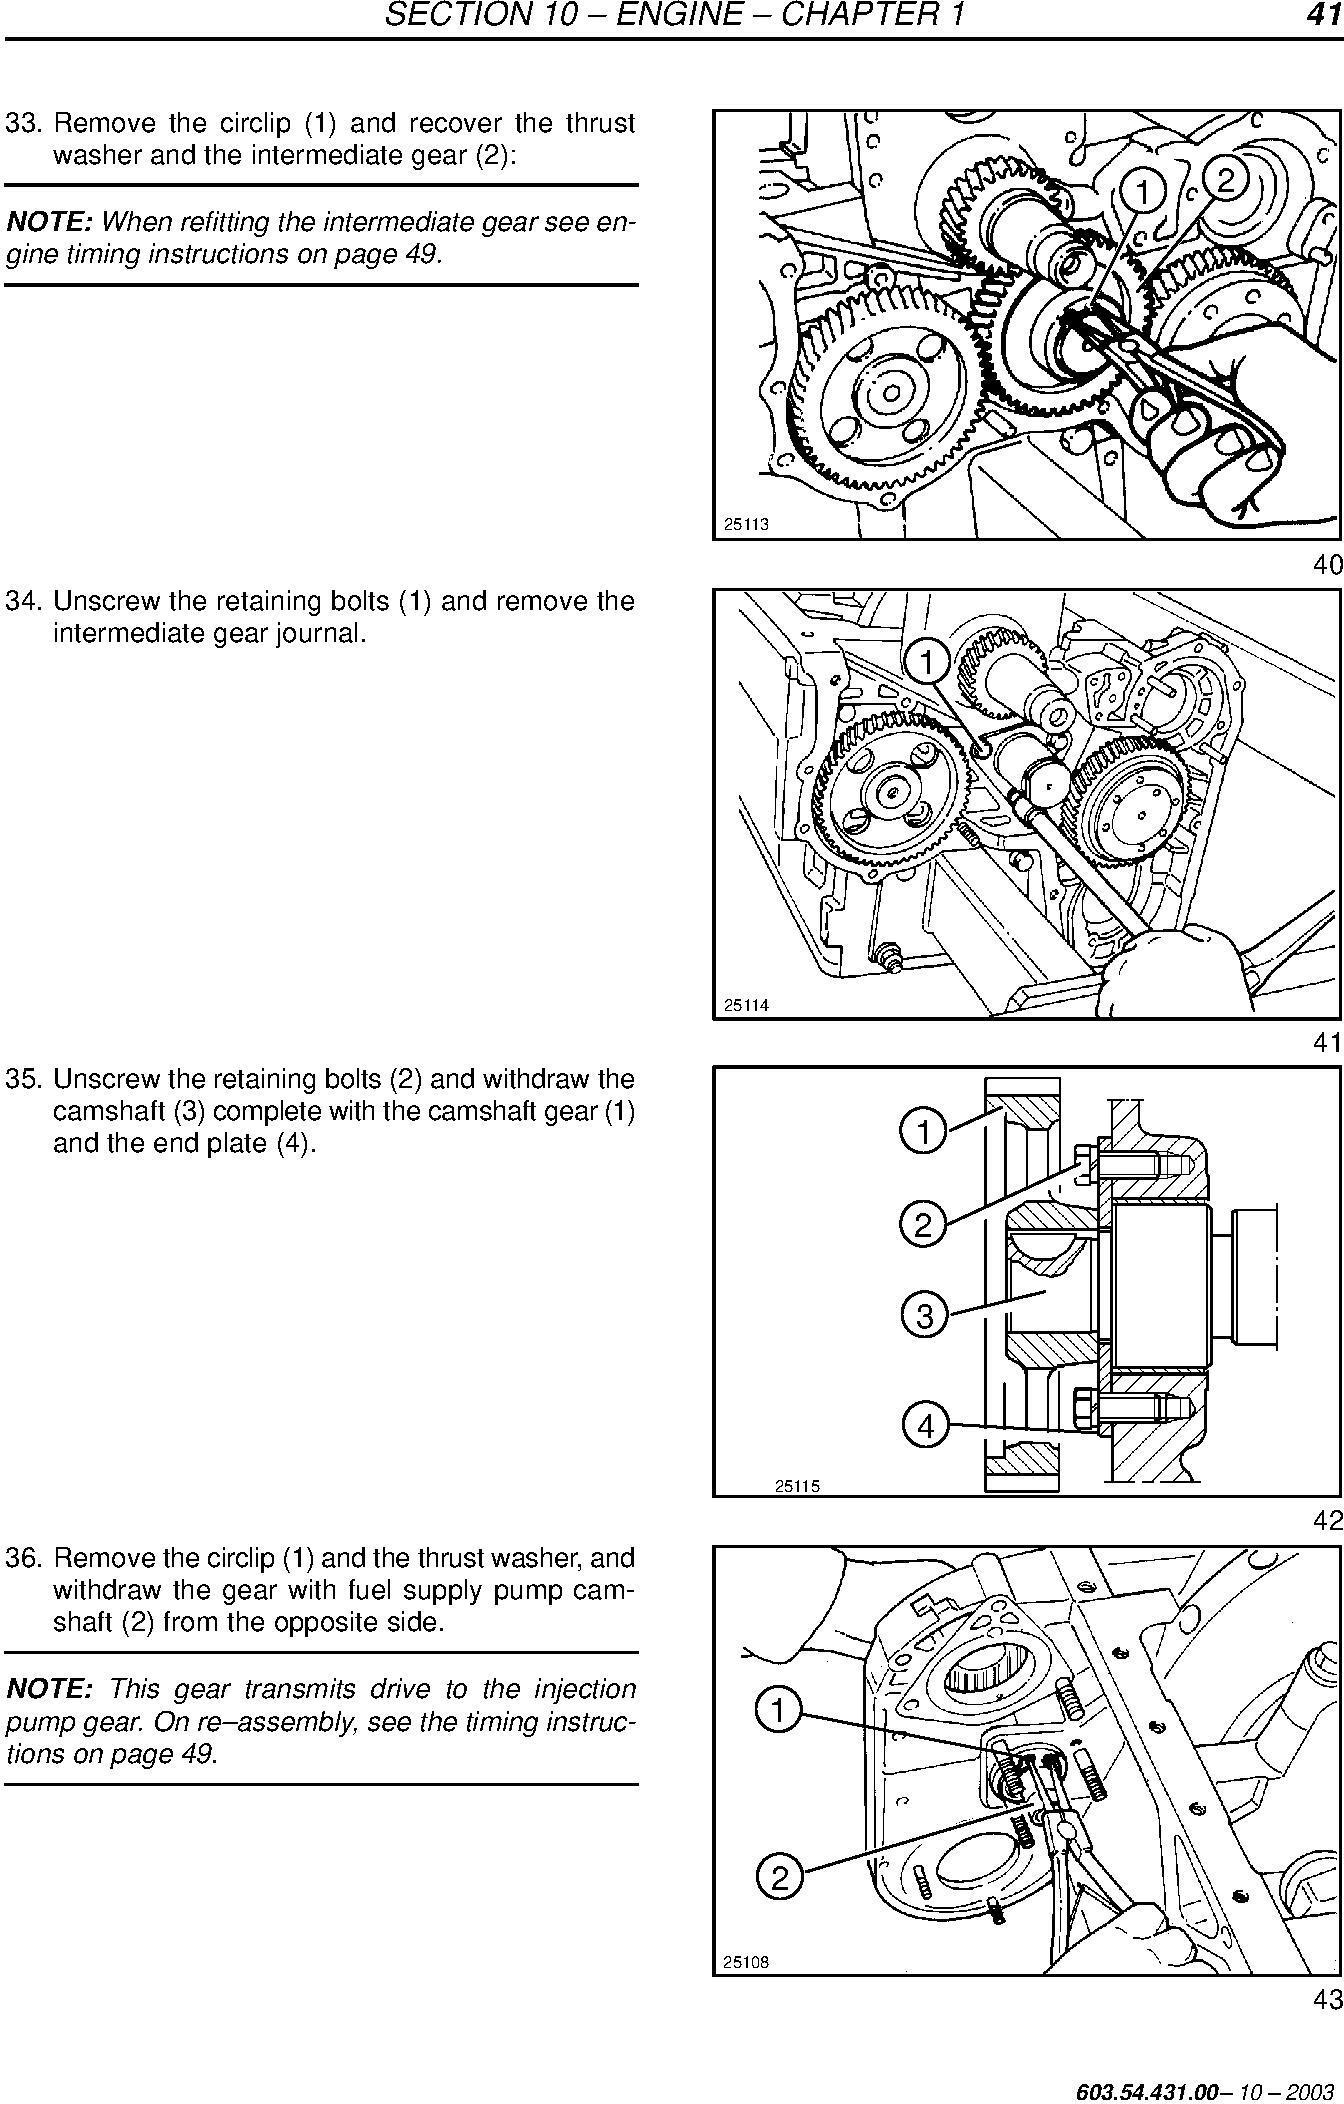 New Holland TN60DA, TN70DA, TN75DA, TN60SA, TN70SA, TN75SA Tractors Service Manual - 2